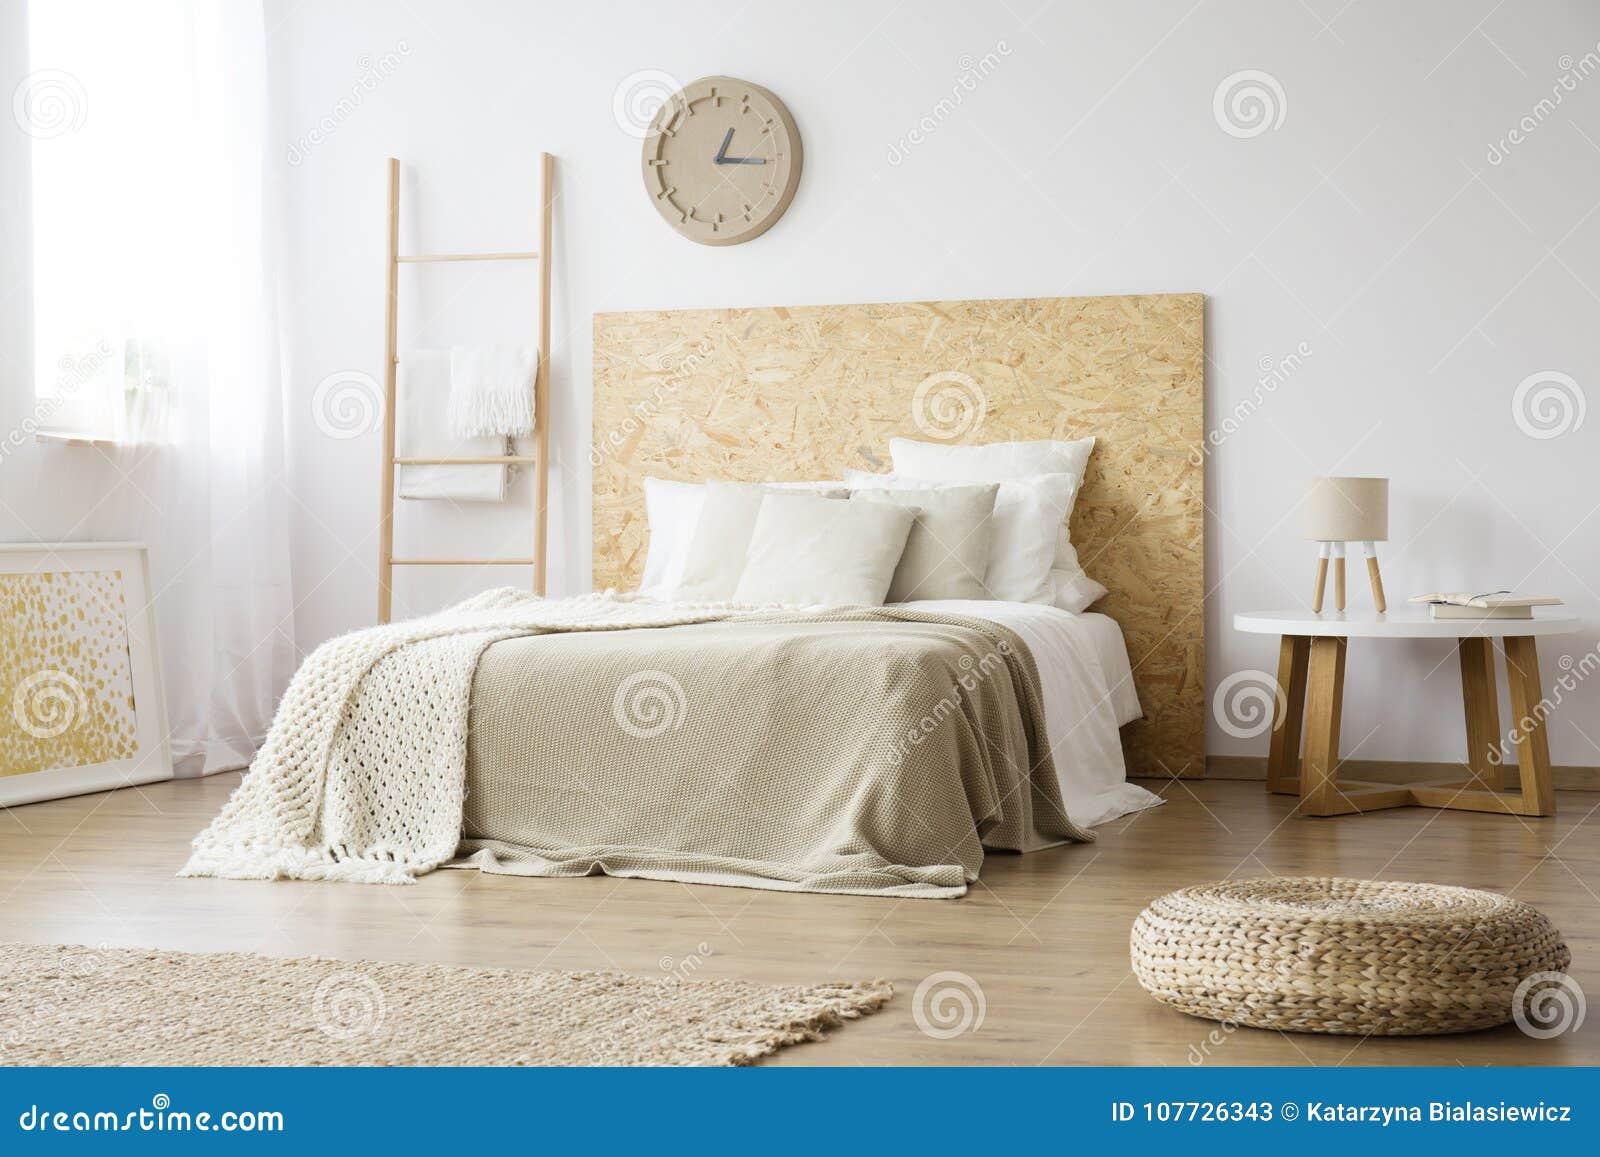 Pouf Dans La Chambre A Coucher Brune Naturelle Image Stock Image